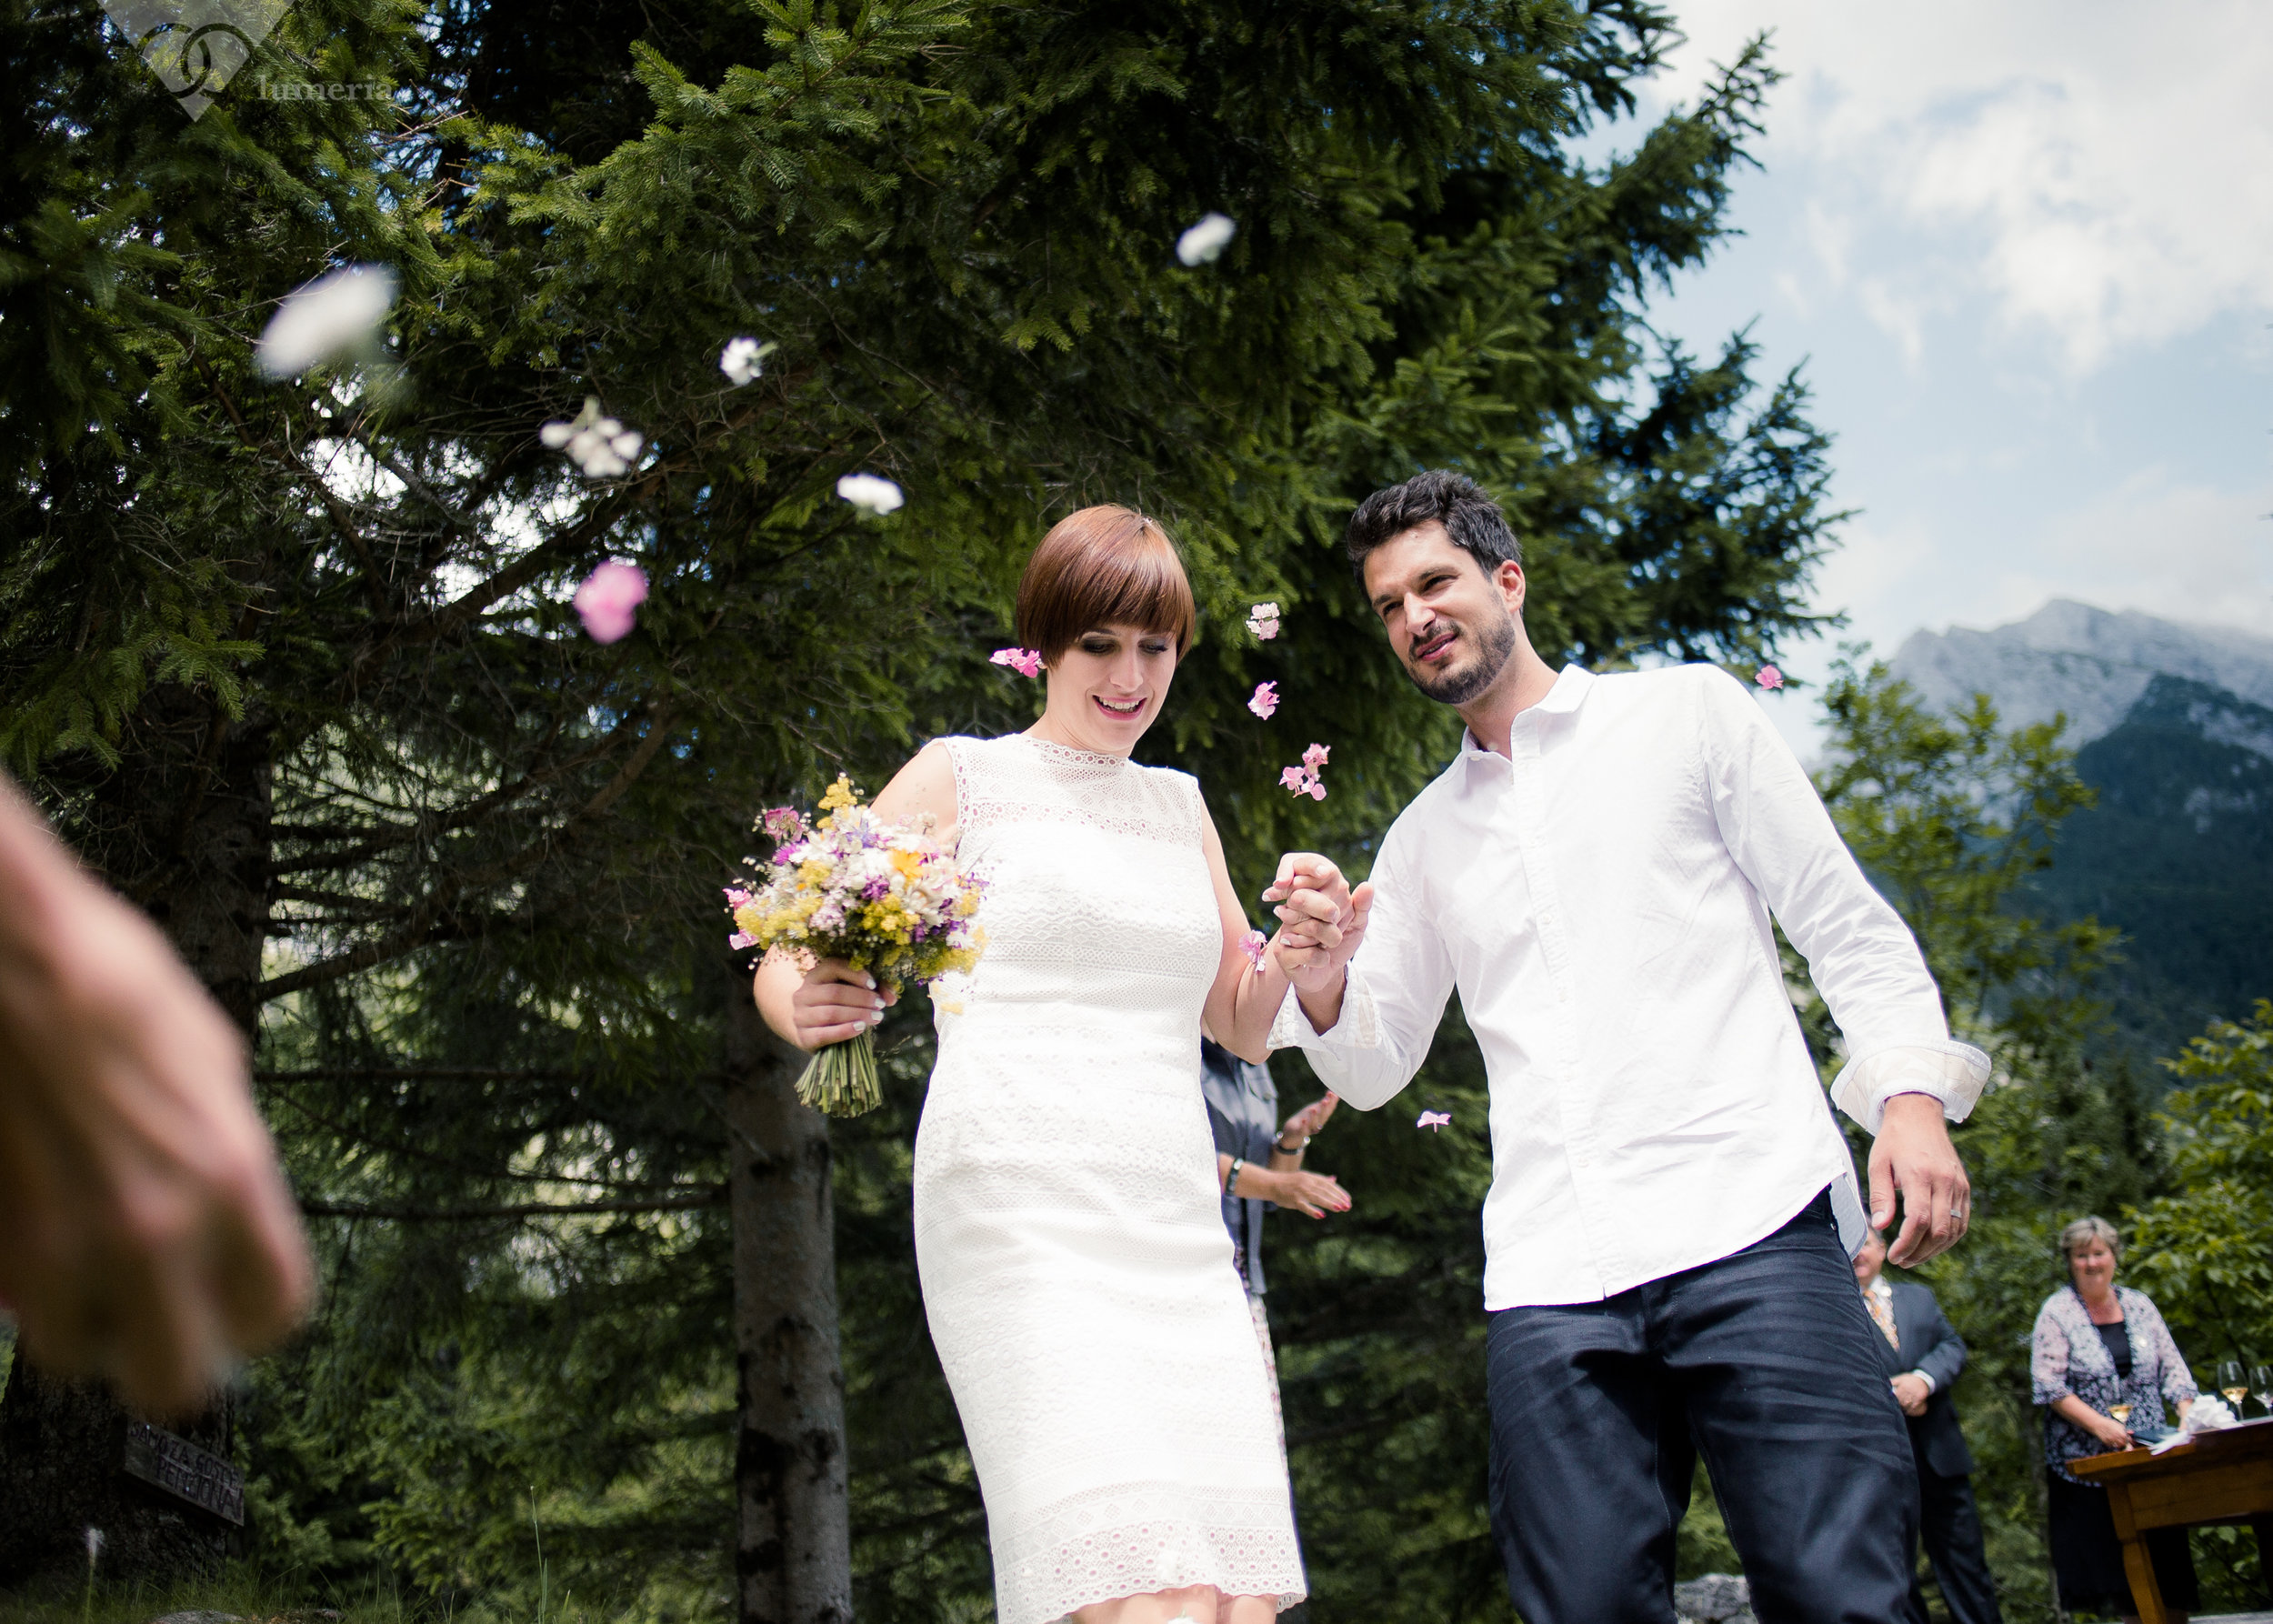 dvor jezeršek poroka